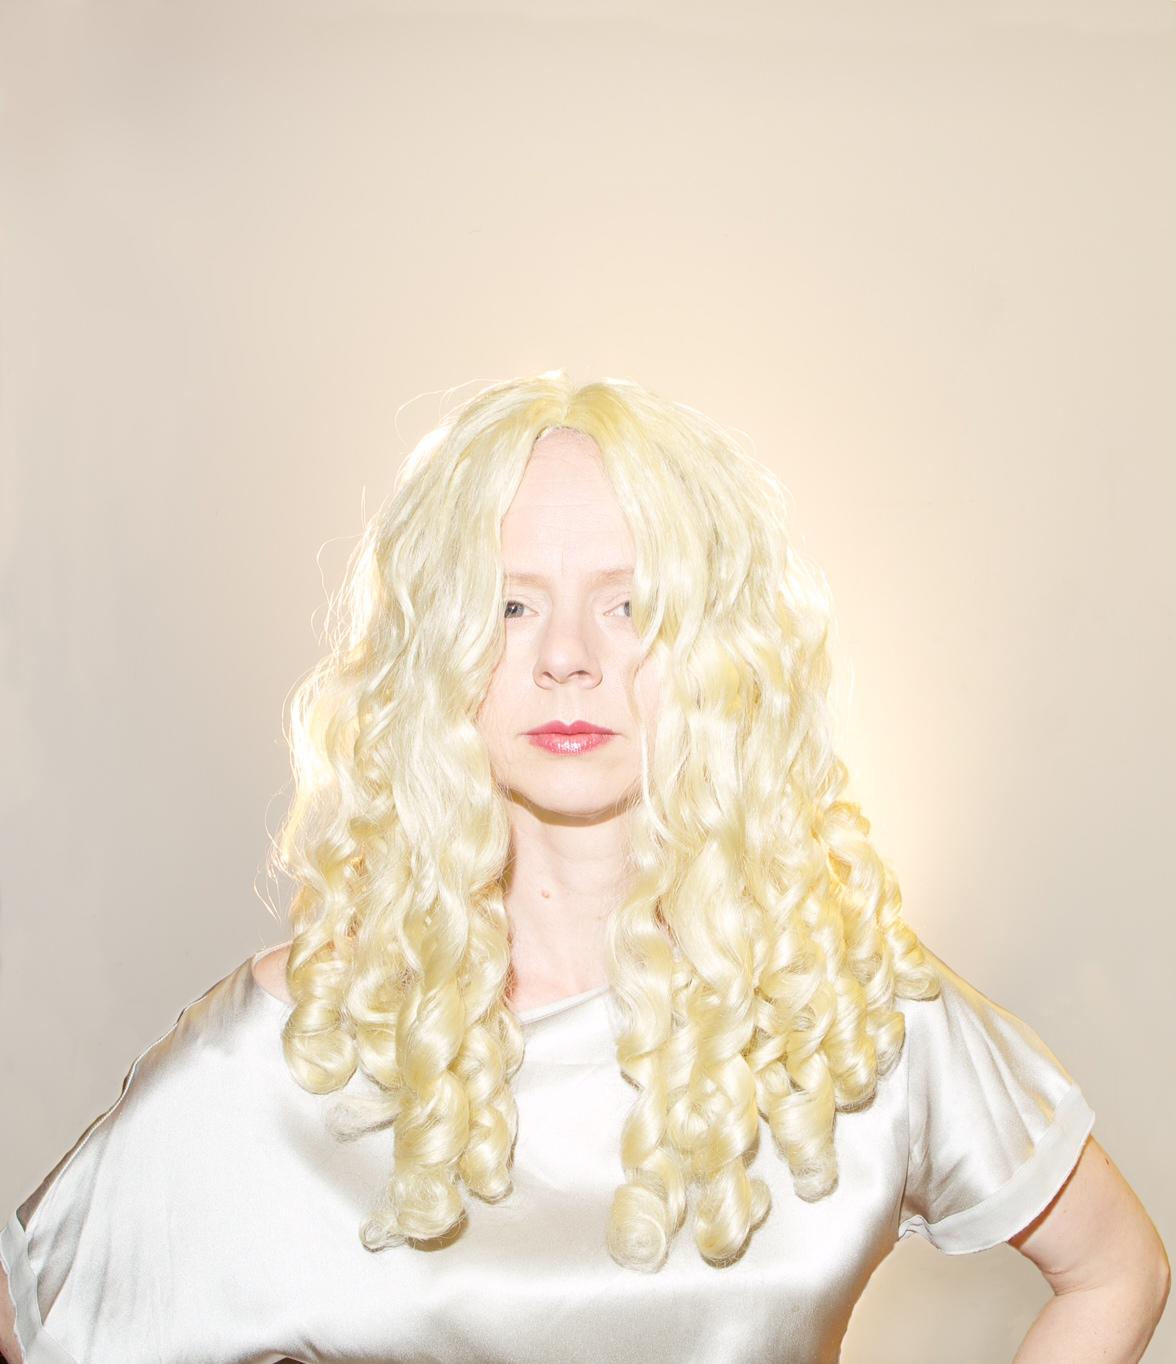 Blondefoto.jpg